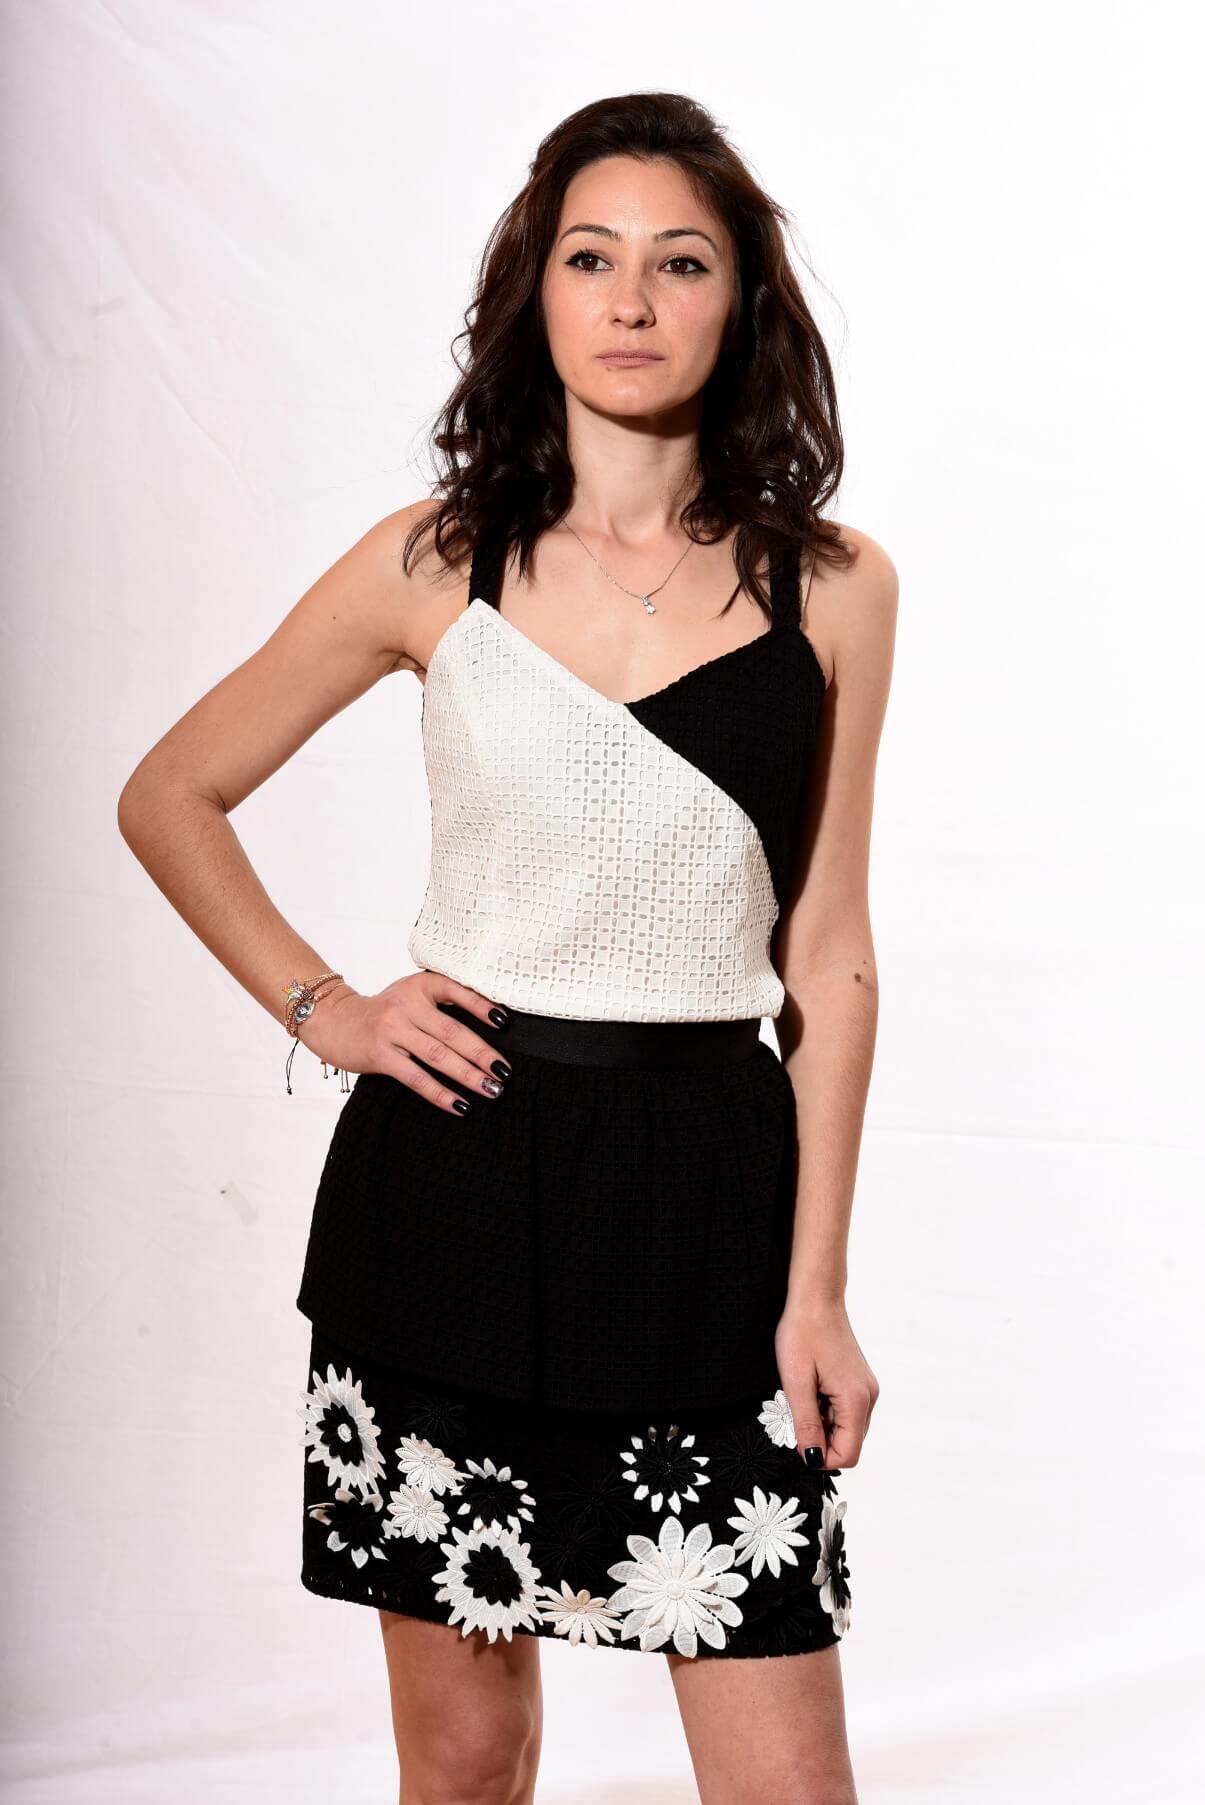 Μαύρη φούστα μίνι κοκτέιλ με βολάν και μαύρη φούστα μίνι κοκτέιλ με βολάν